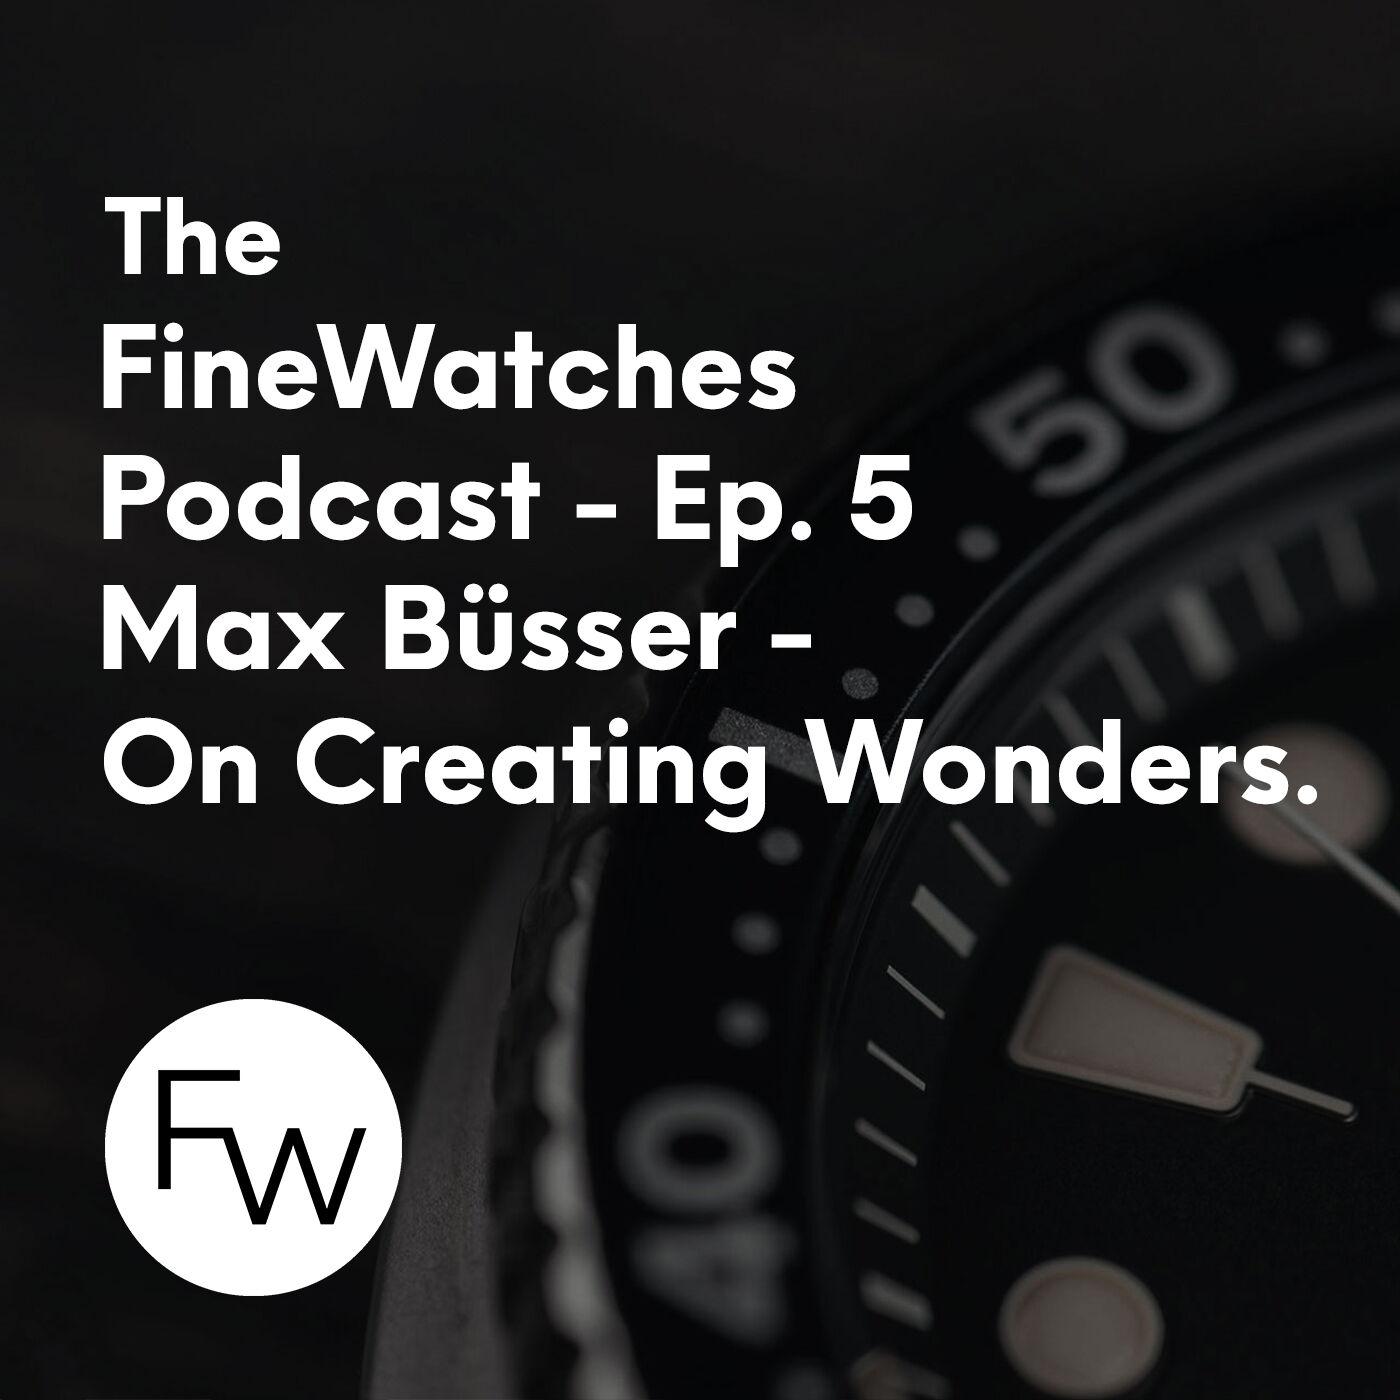 On Creating Wonders - Max Büsser